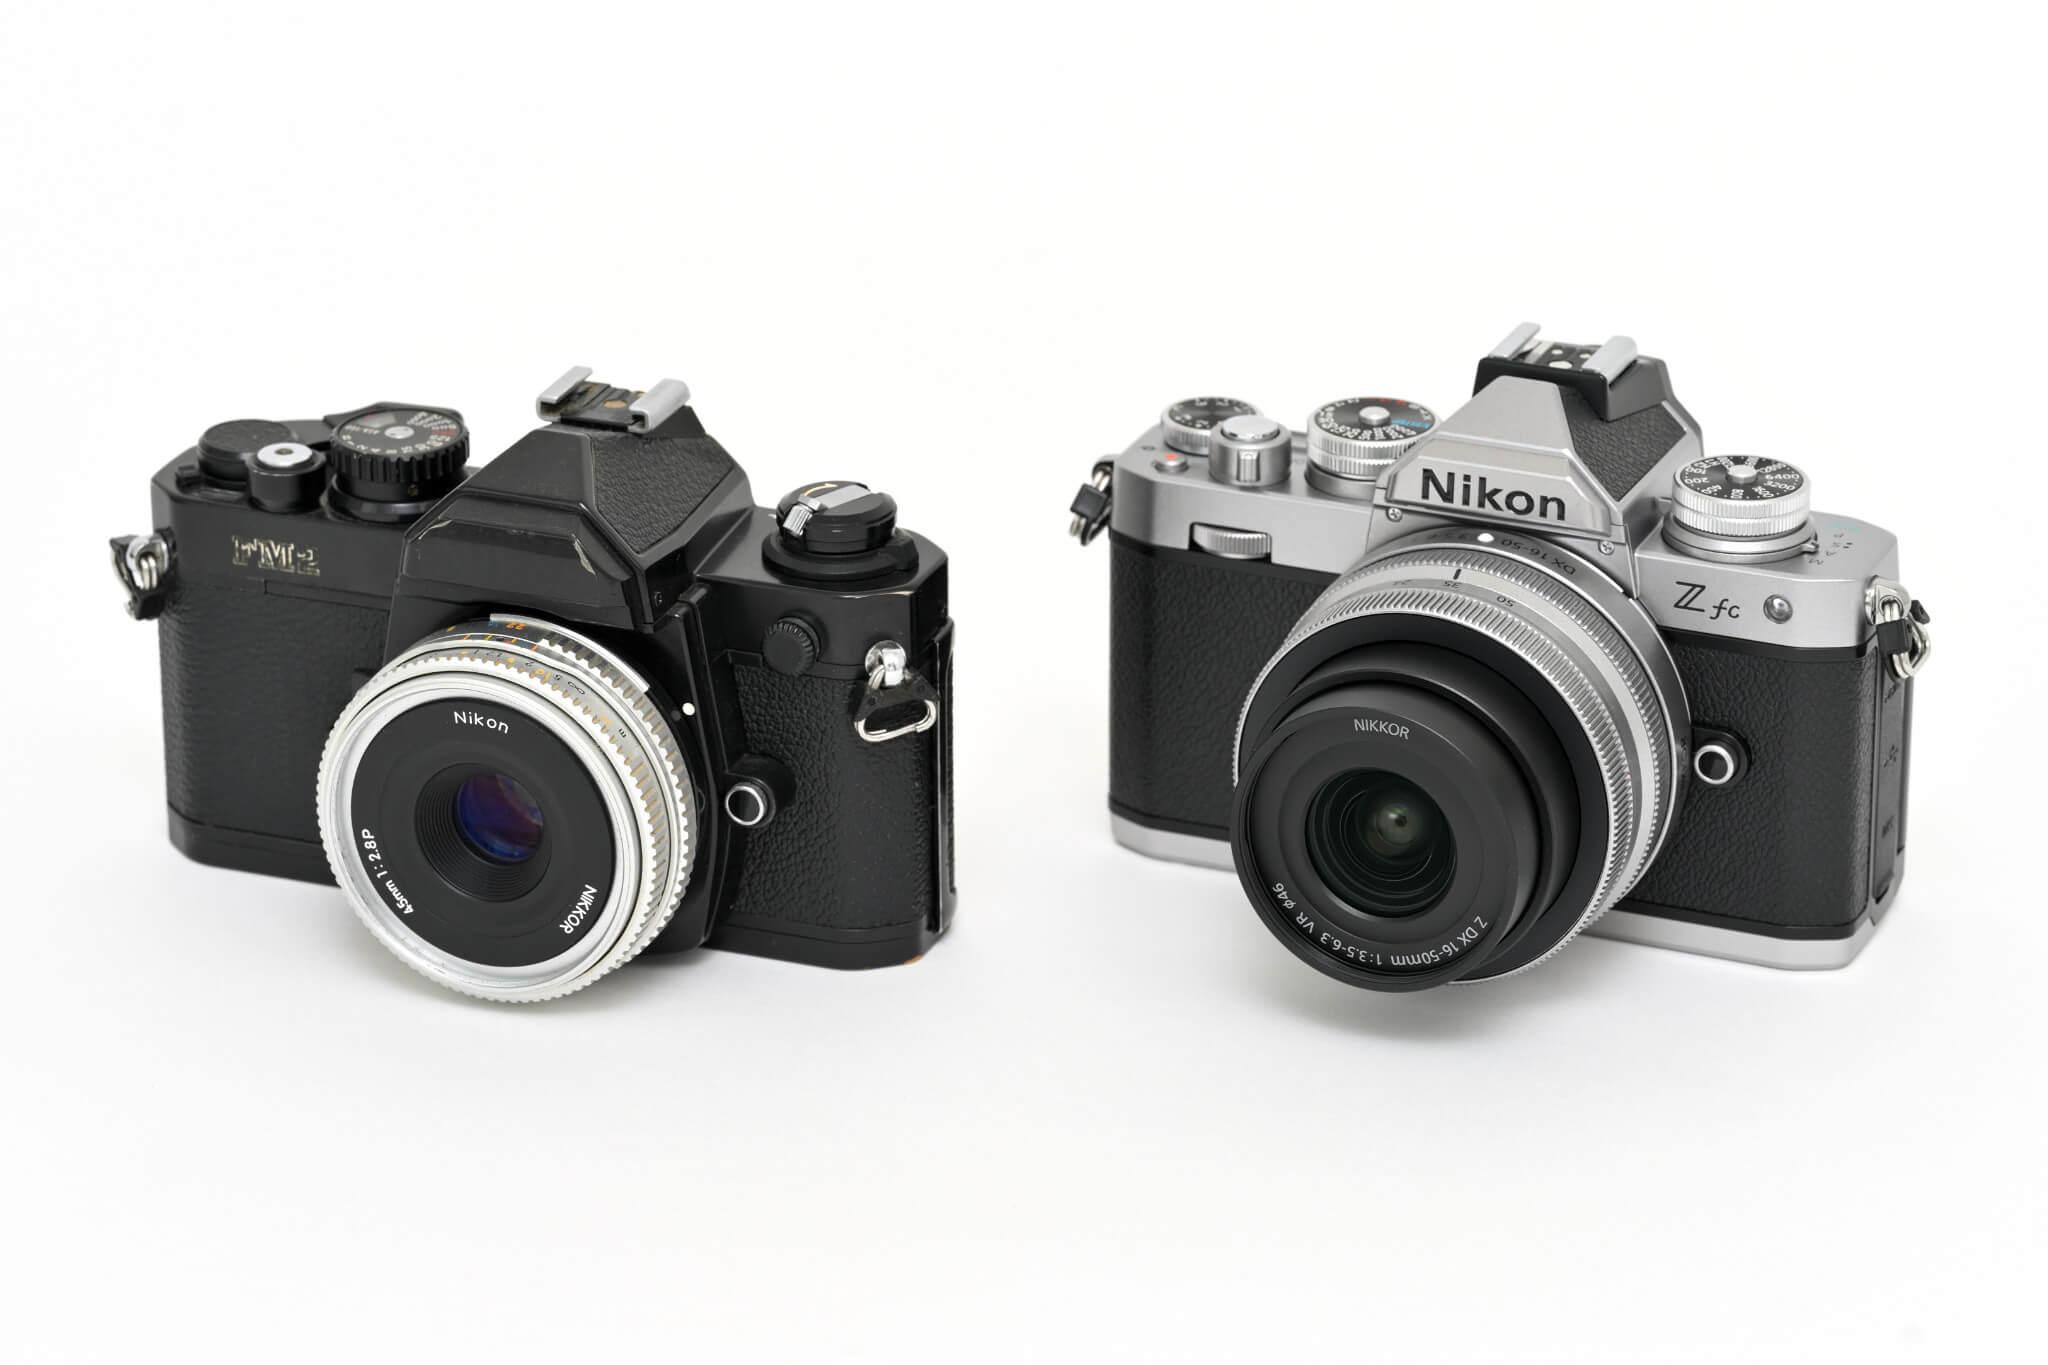 """Můj Nikon FM2 je sice v celočerném provedení, nicméně rodová příbuznost je více než zřejmá. Třeba jen taková drobnost, jako je stejný """"čudlík"""" aretace objektivu, to je krása :-)"""